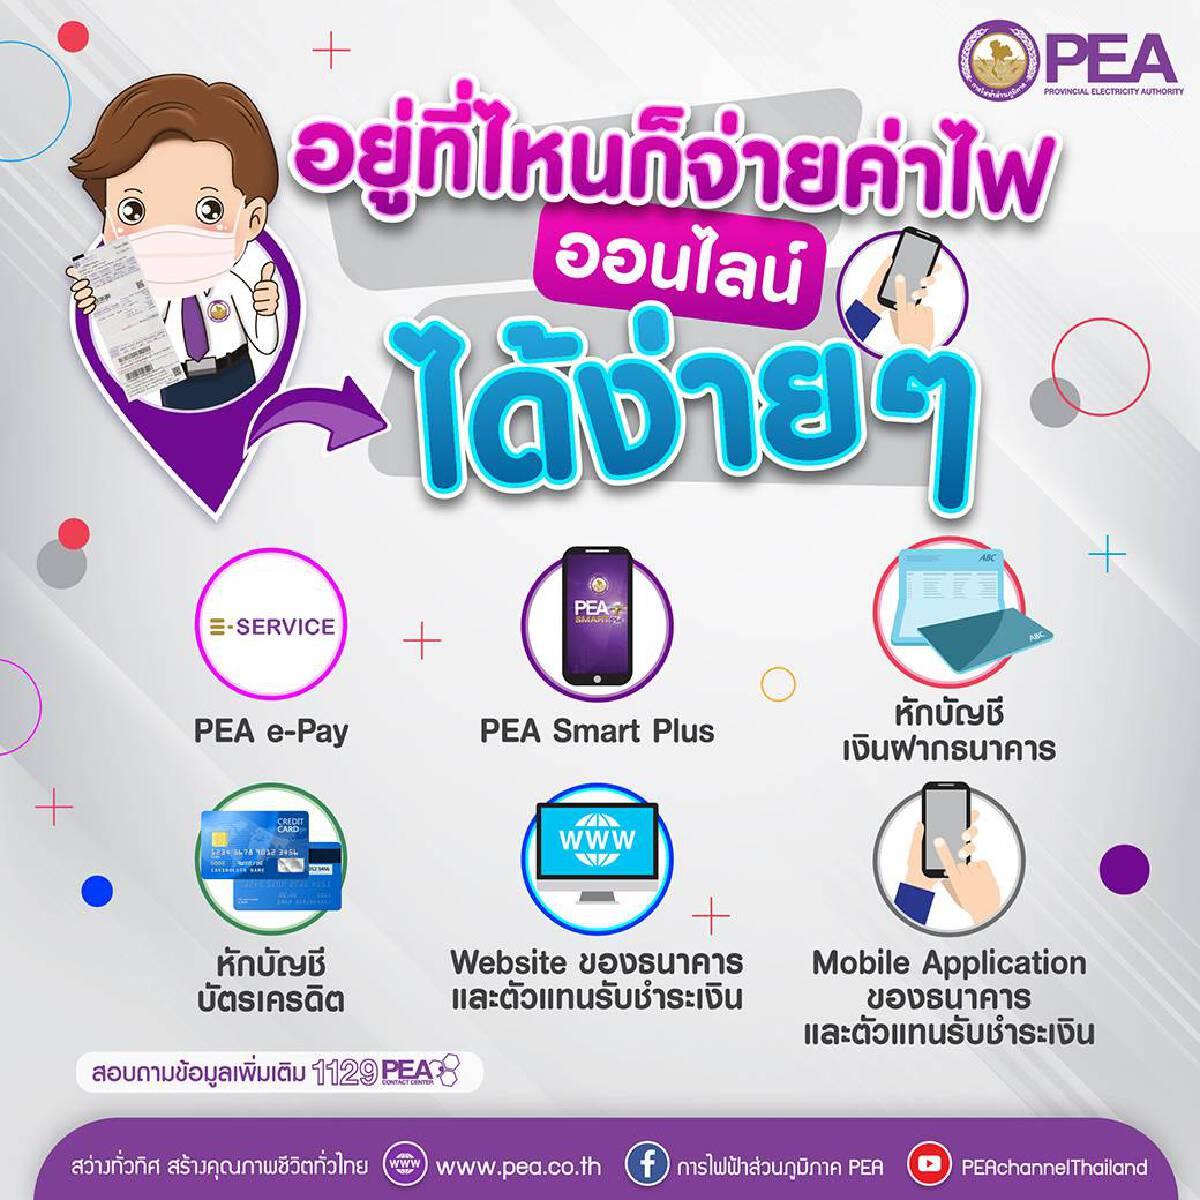 PEA อำนวยความสะดวกผู้ใช้ไฟฟ้าชำระค่าไฟฟ้าทางออนไลน์